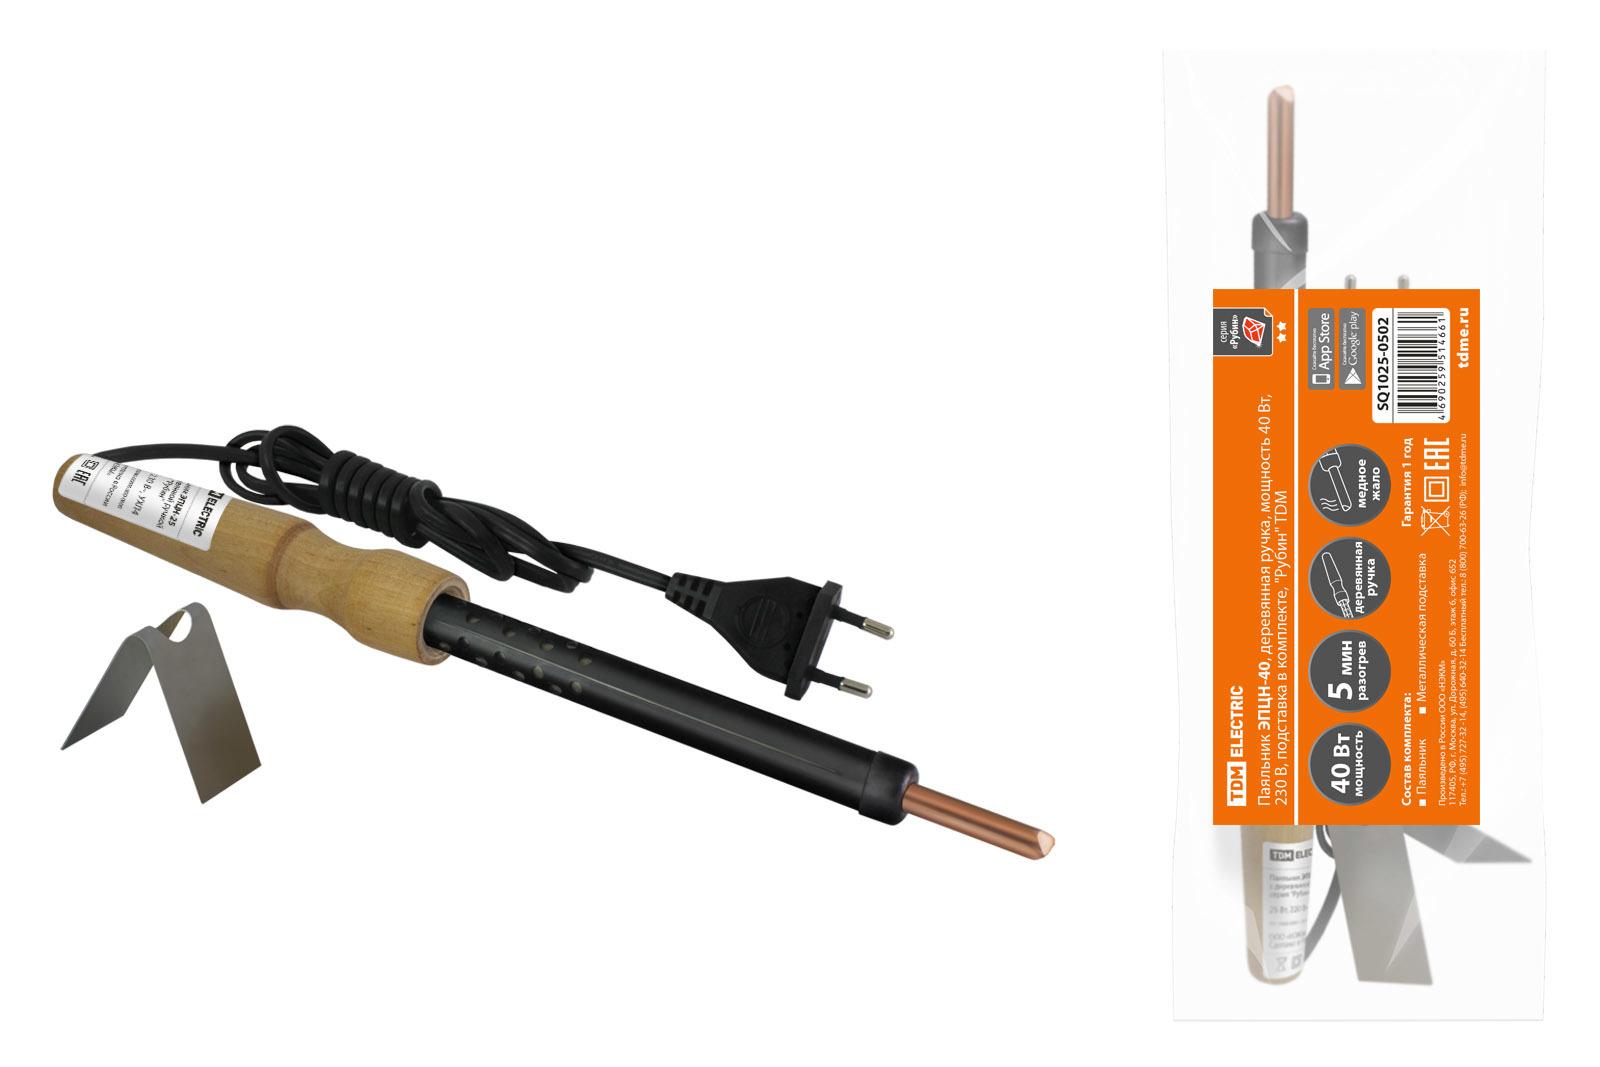 Паяльник ЭПЦН-40, деревянная ручка, мощность 40 Вт, 230 В, подставка в комплекте,